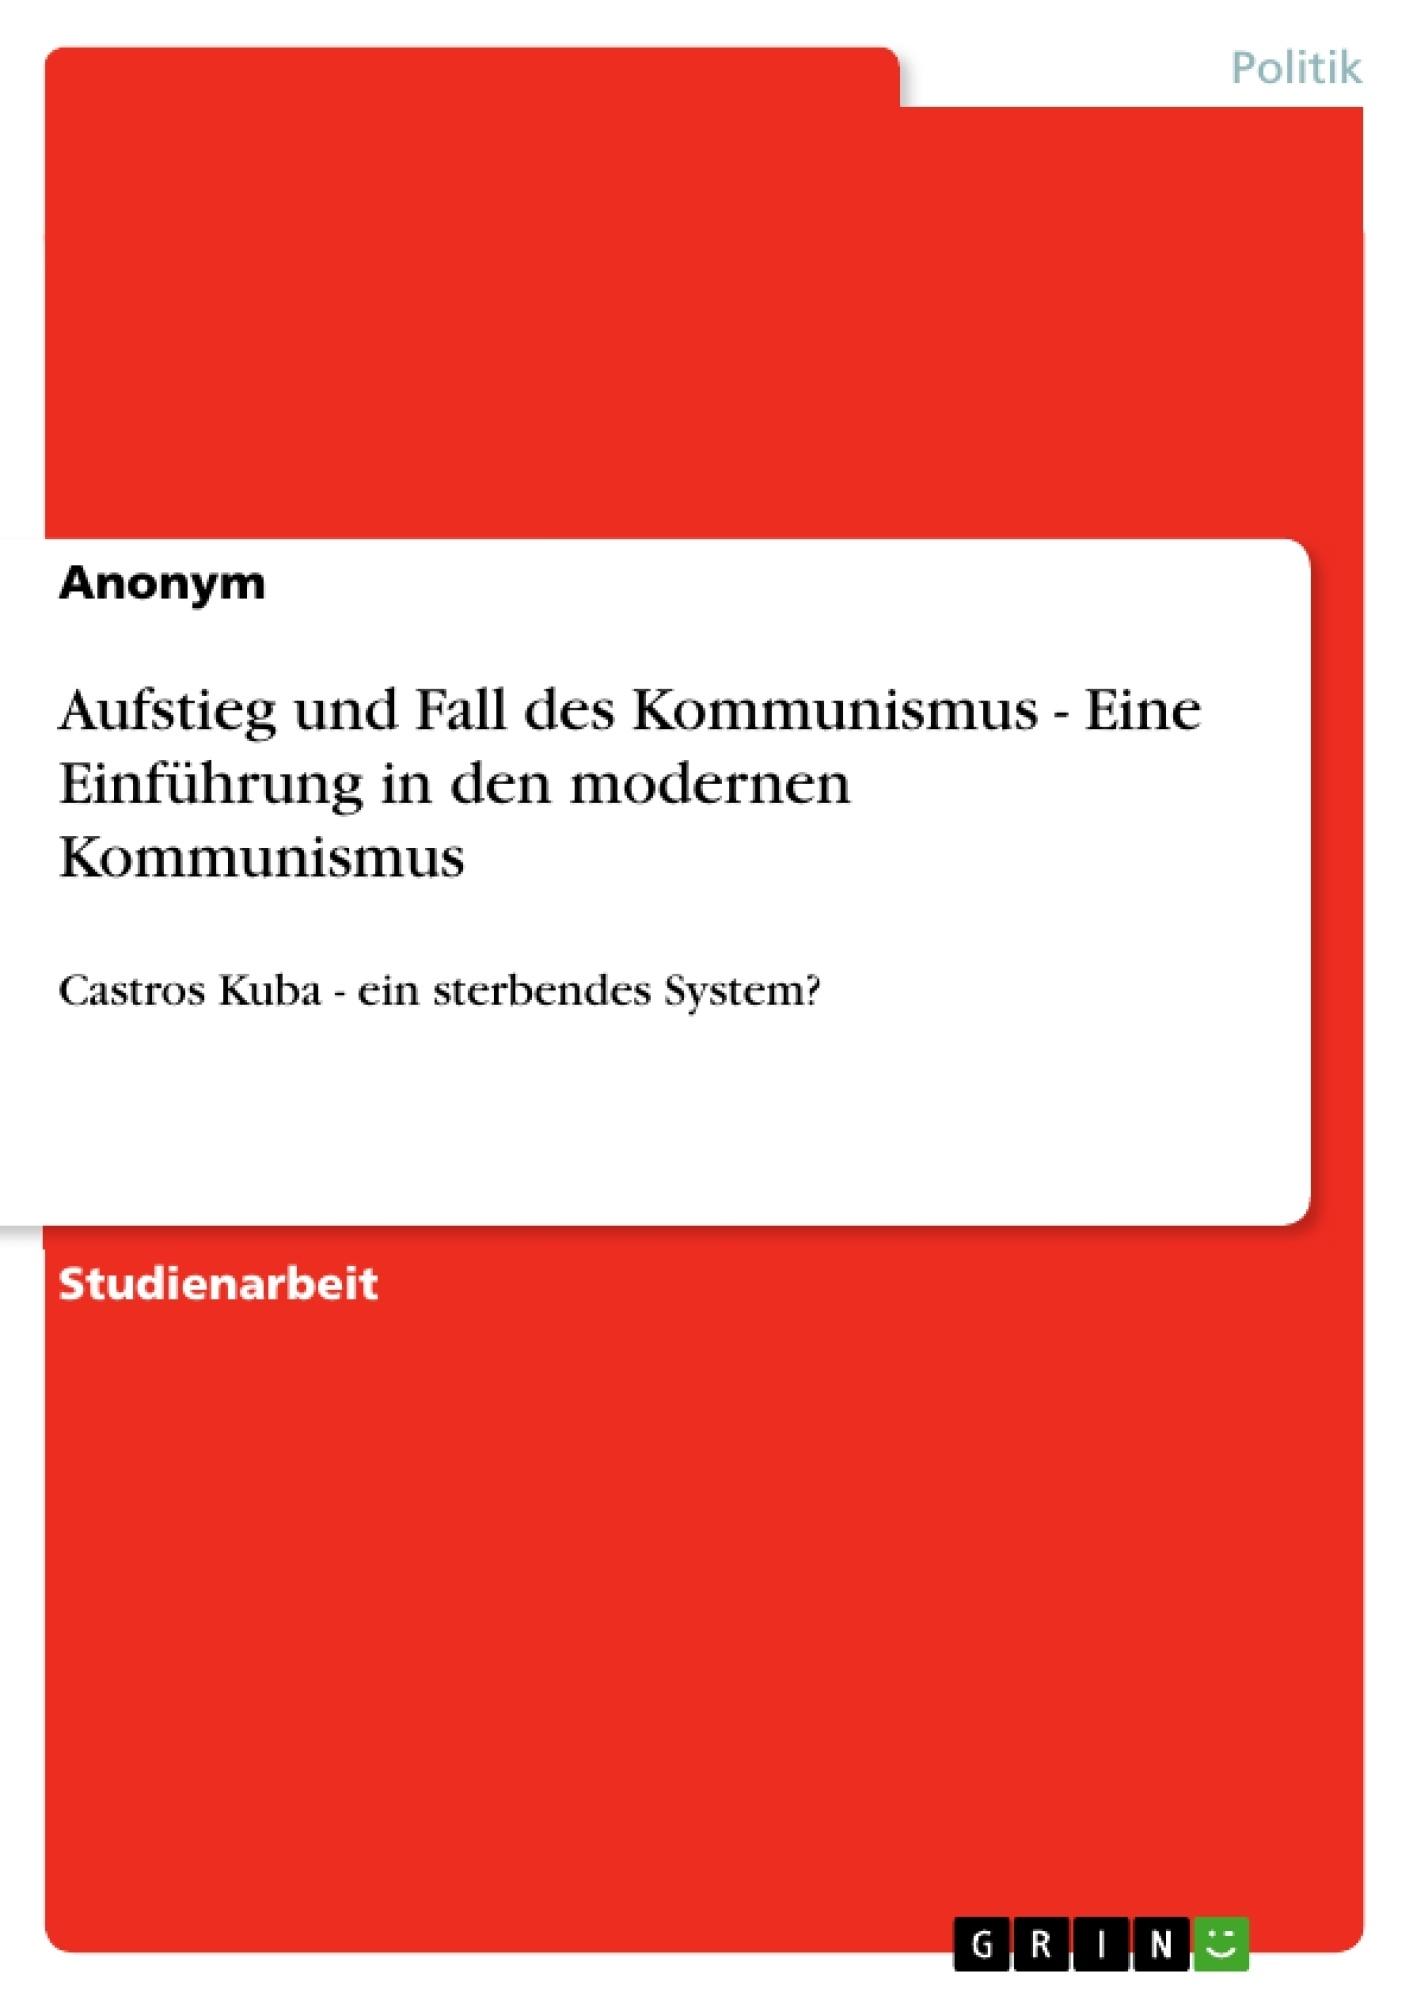 Titel: Aufstieg und Fall des Kommunismus - Eine Einführung in den modernen Kommunismus